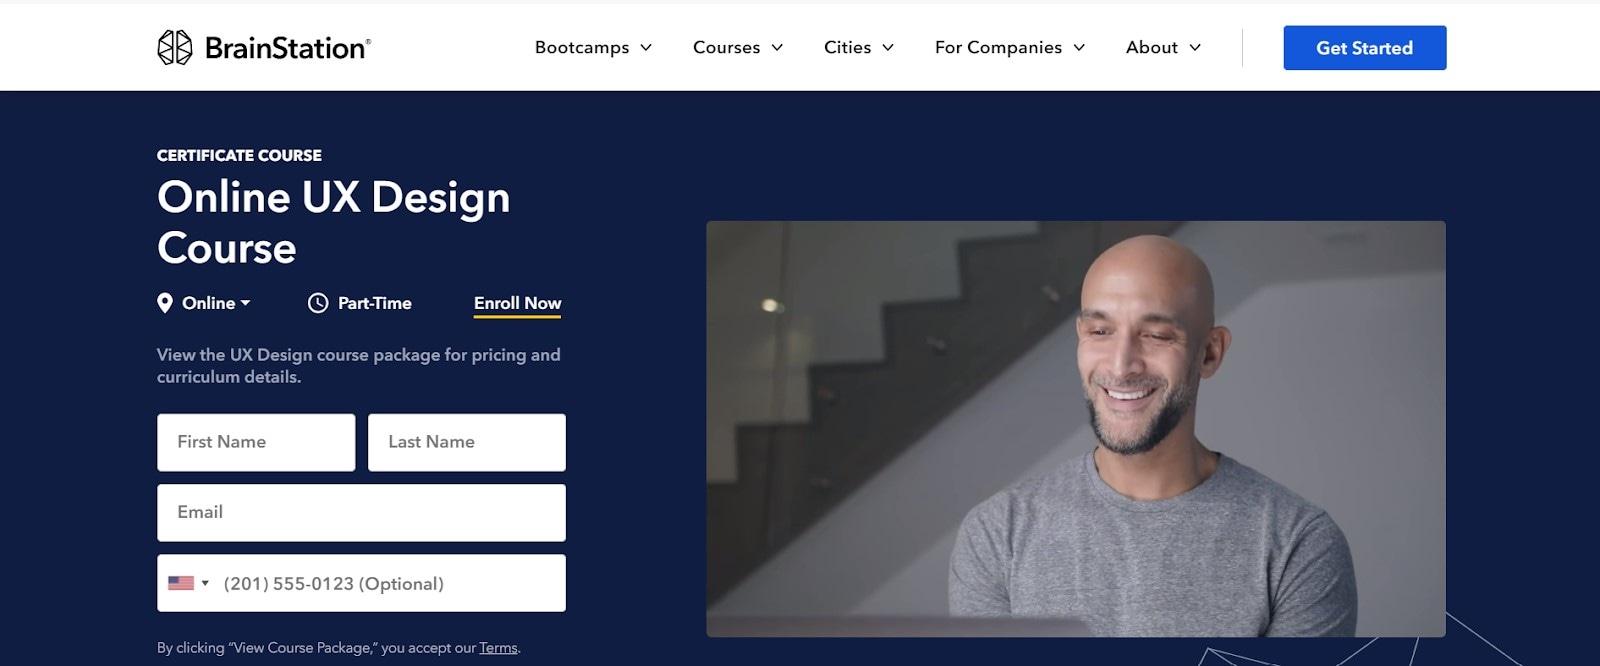 ux ui design bootcamp